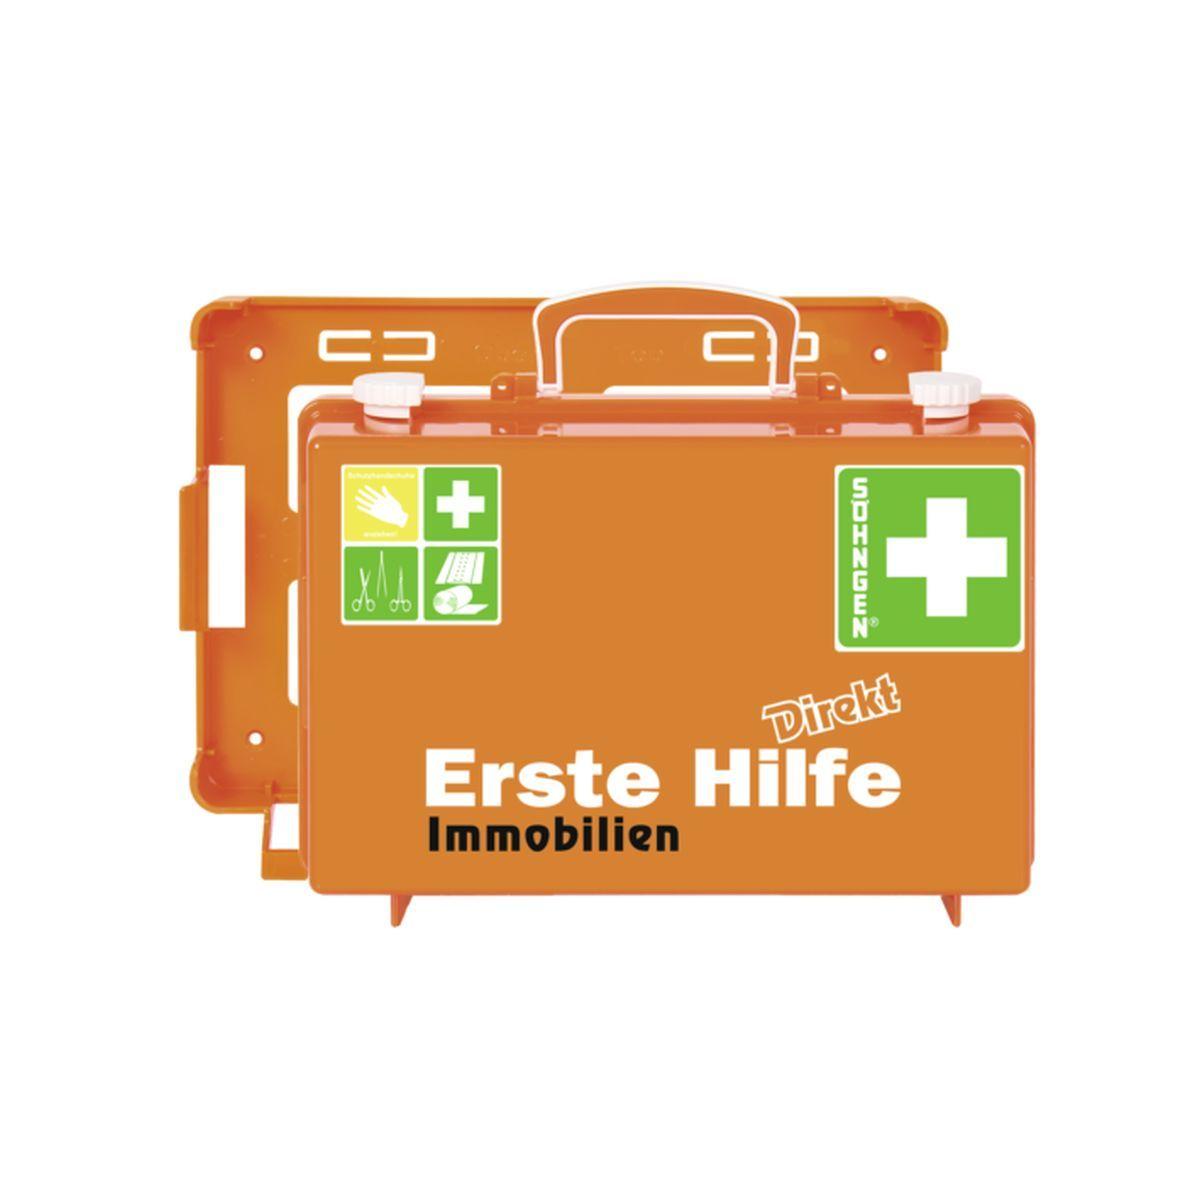 Erste Hilfe Koffer DIN 13157 DIREKT, Immobilien